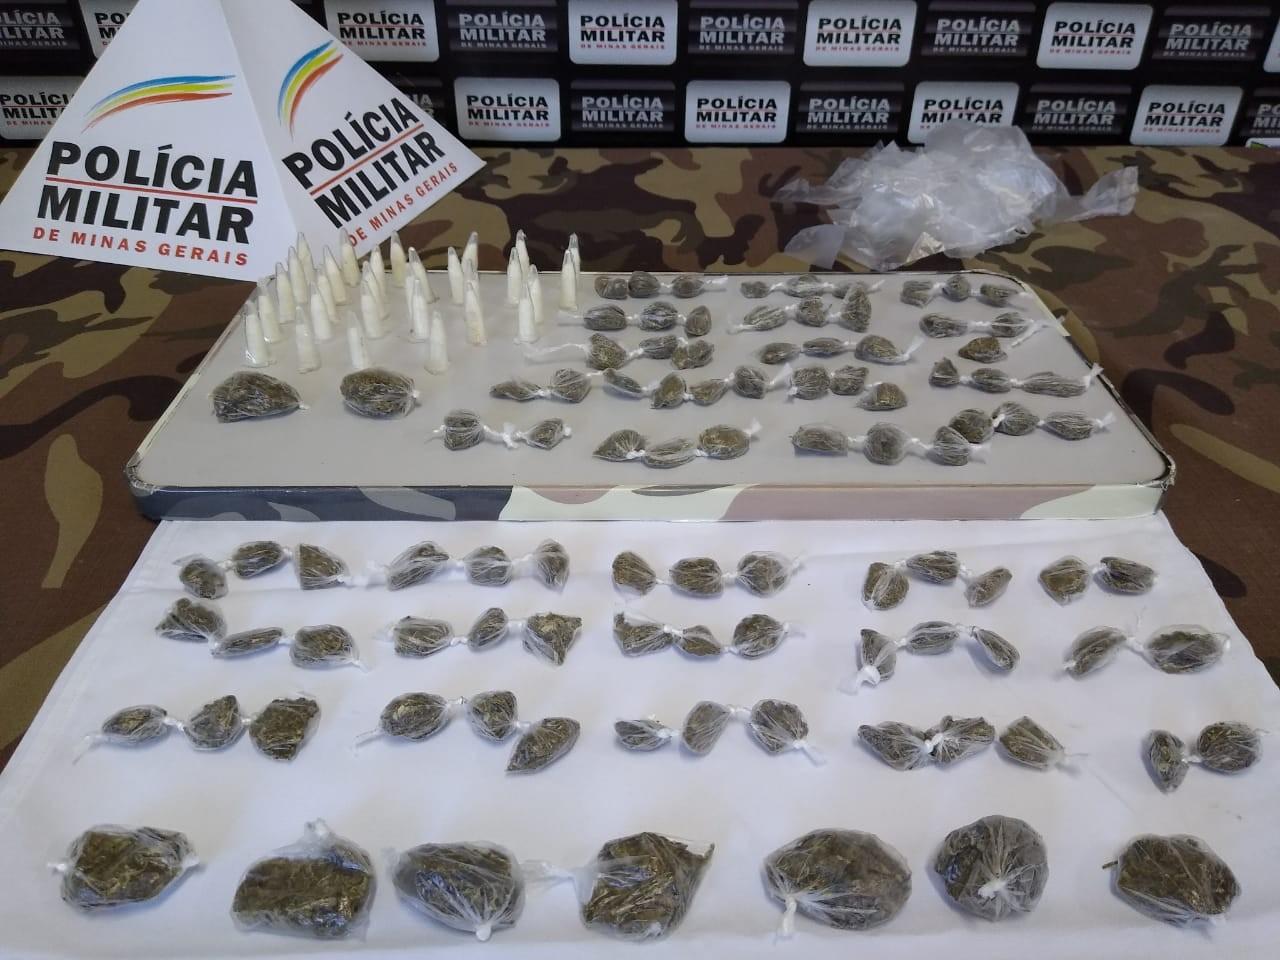 Maconha e cocaína são apreendidas em ação policial no Bairro Jardim Natal em Juiz de Fora